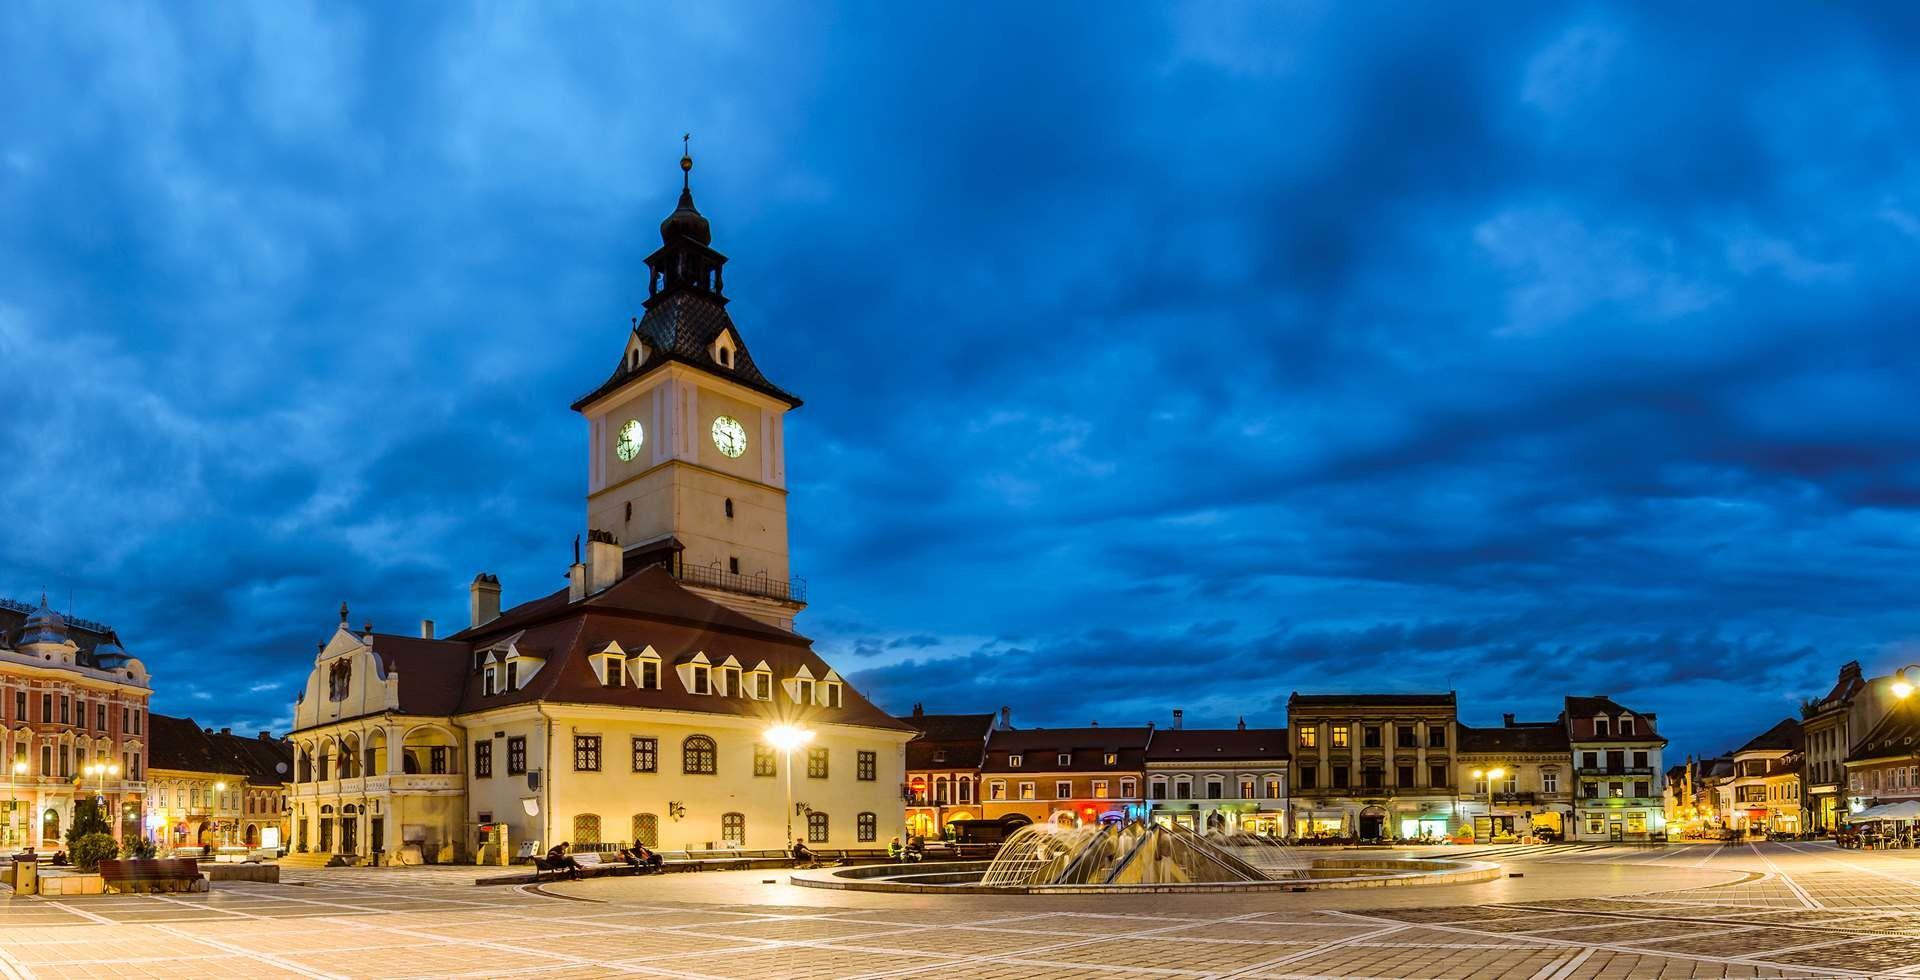 Main-square-in-Brasov-resized__1447233861_92.82.233.49